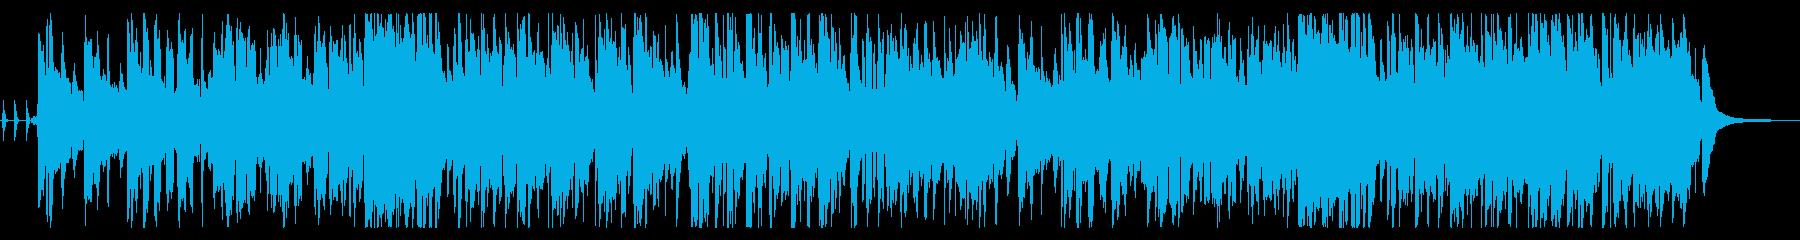 陽気なビッグバンドジャズ_ミュージカルの再生済みの波形